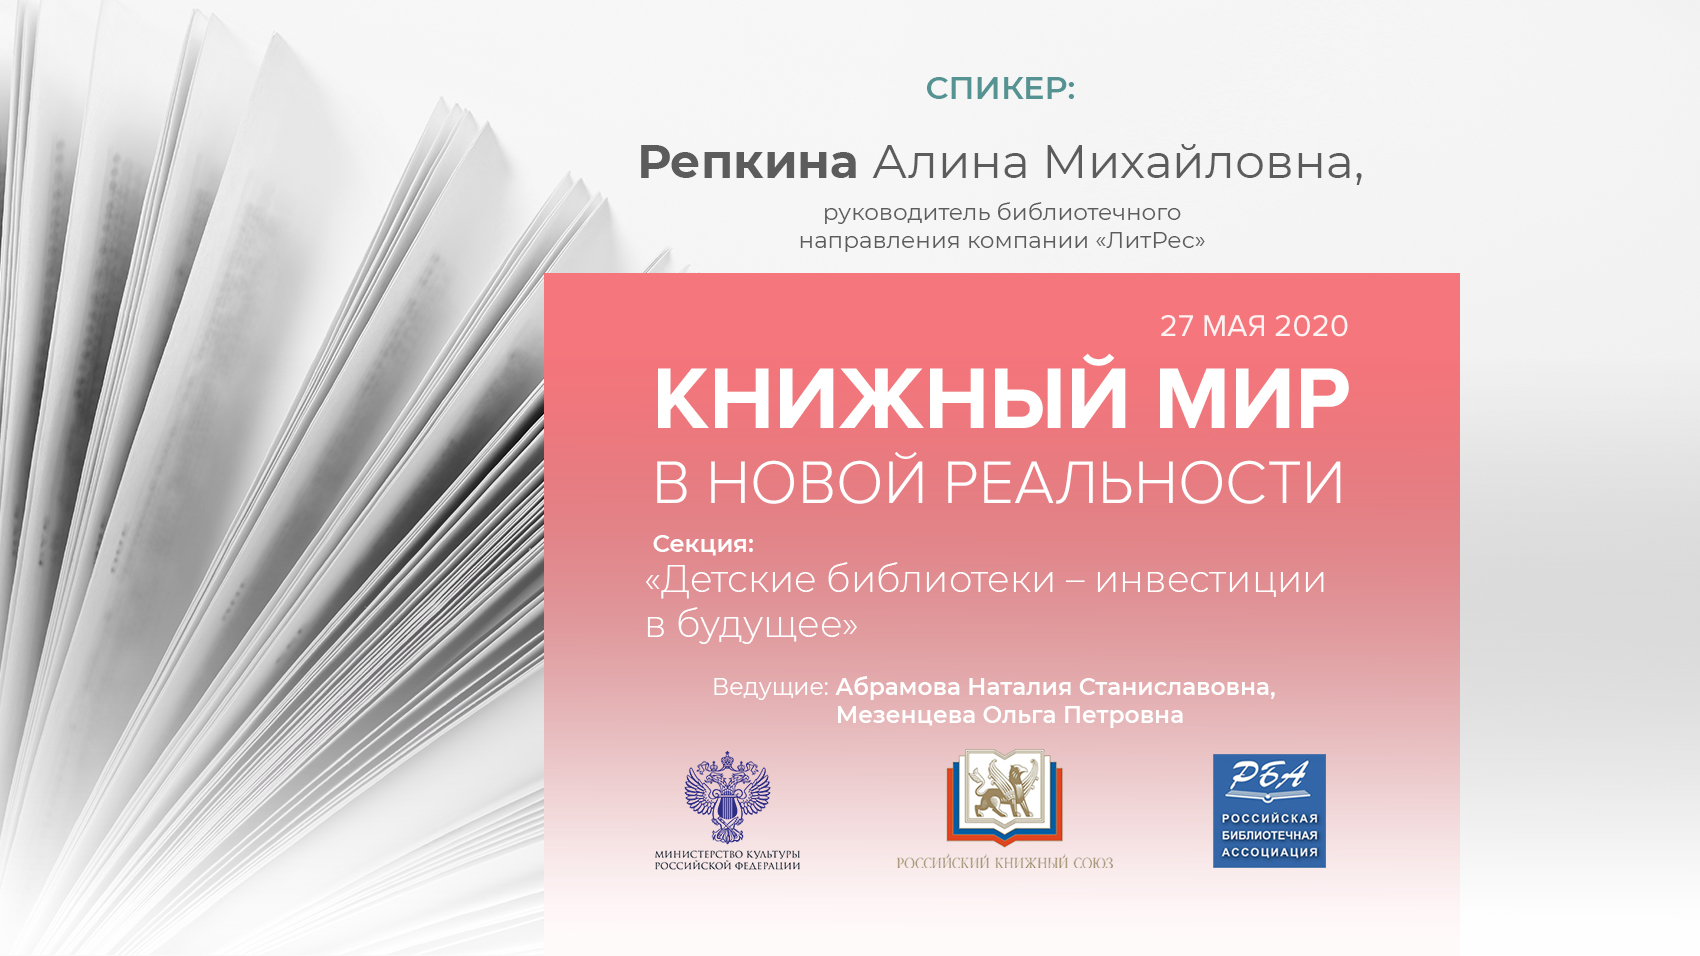 Репкина Алина Михайловна